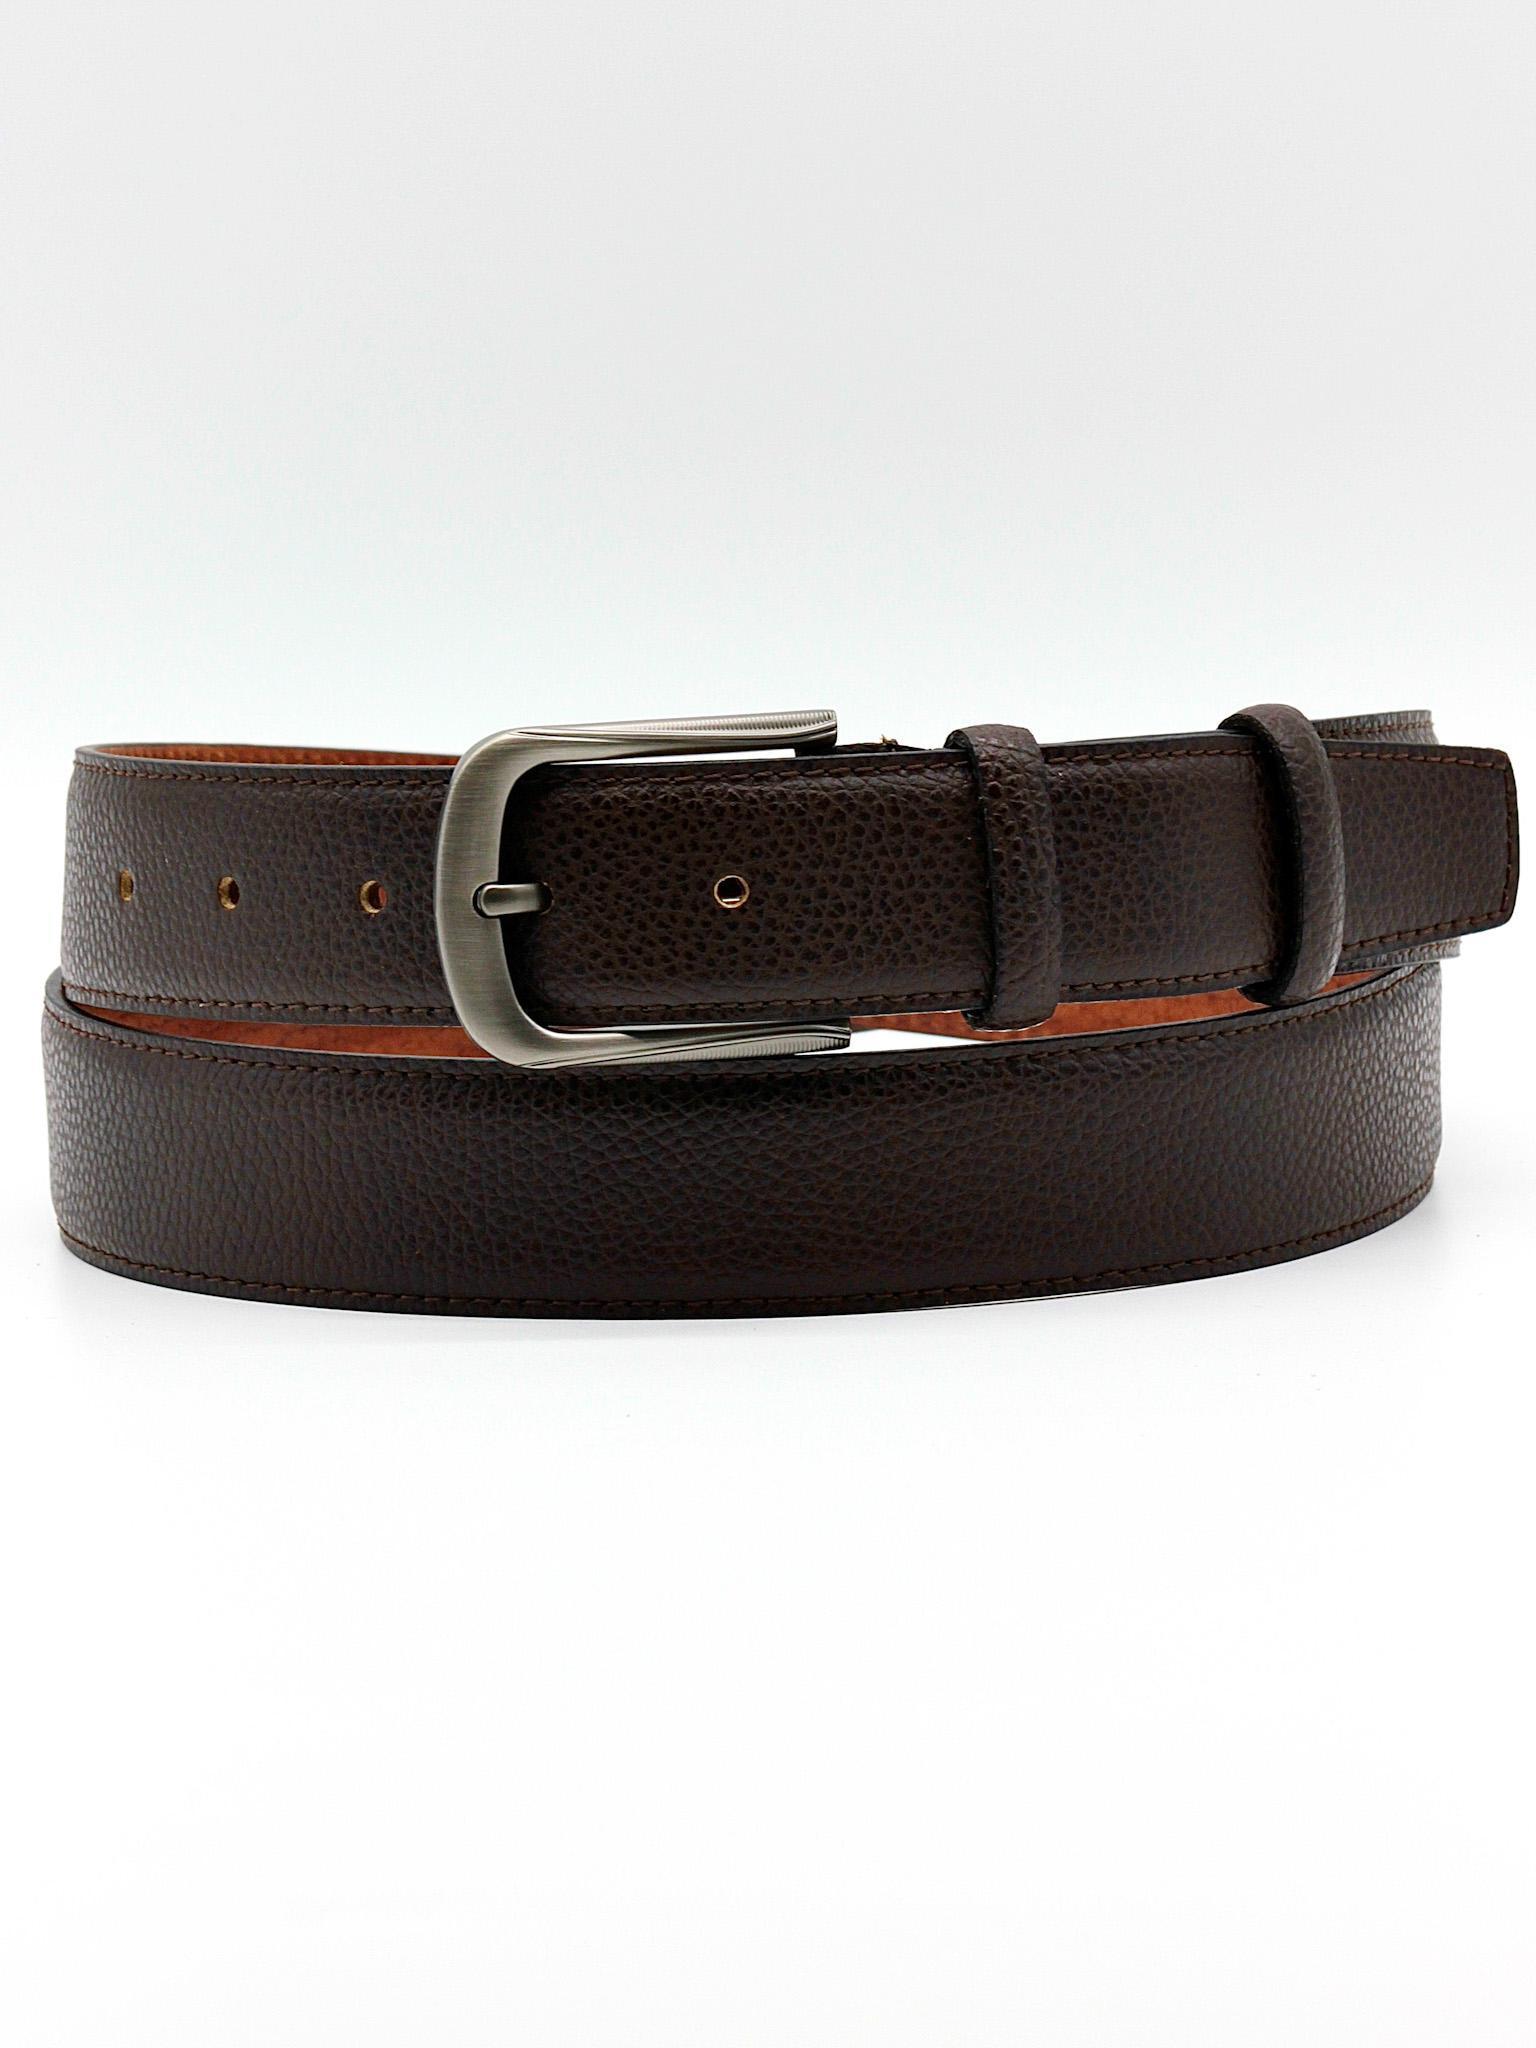 Фото мужской классический ремень брючный 35 мм коричневый из натуральной кожи Doublecity RC35-25-19